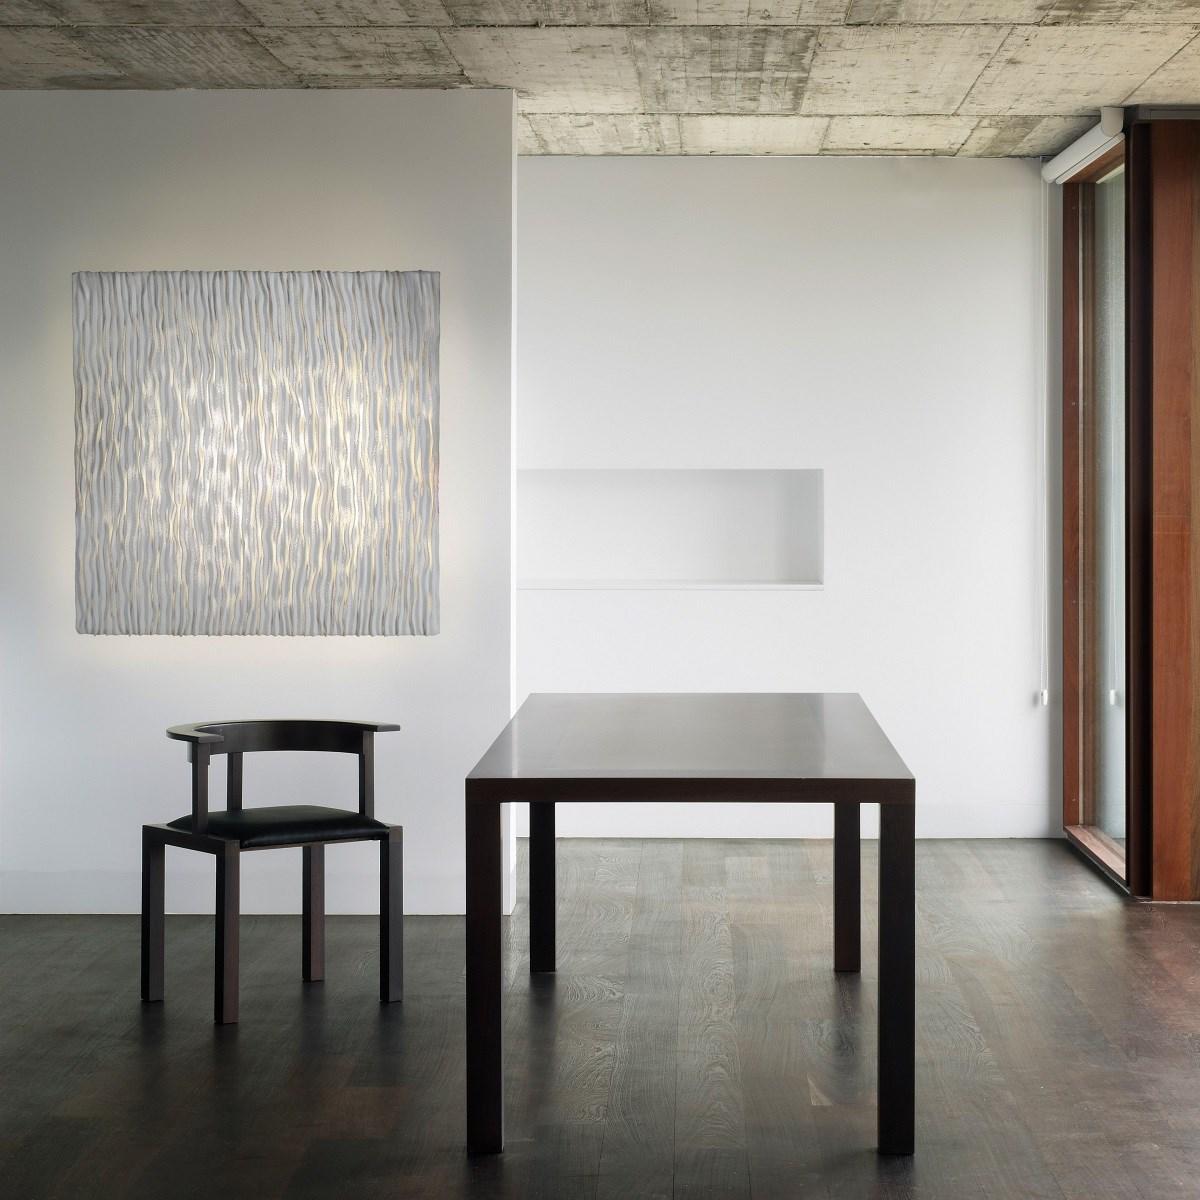 Arturo-Alvarez-Planum-Wall-Ceiling-Light-Matisse-4